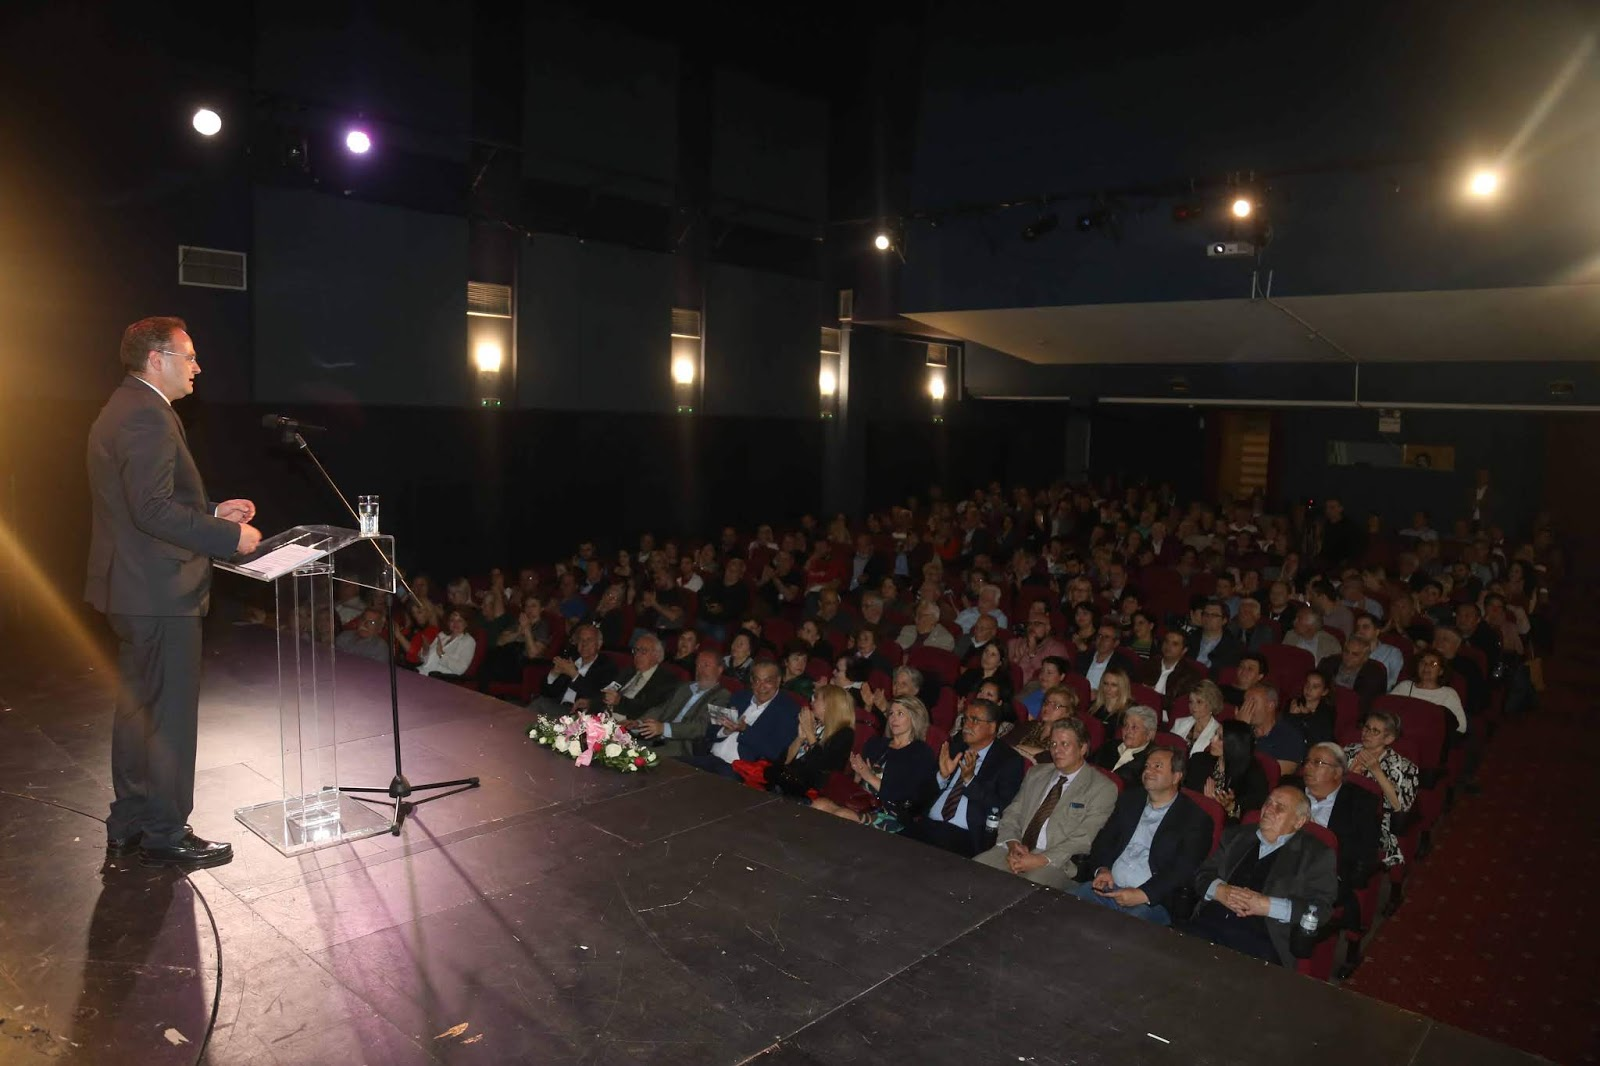 """Οι ετεροδημότες """"αγκάλιασαν"""" το Στέλιο Βαλιάνο - Τι είπε για το Αριστοτέλειο Ινστιτούτο Επιστημών και Επιχειρηματικότητας"""